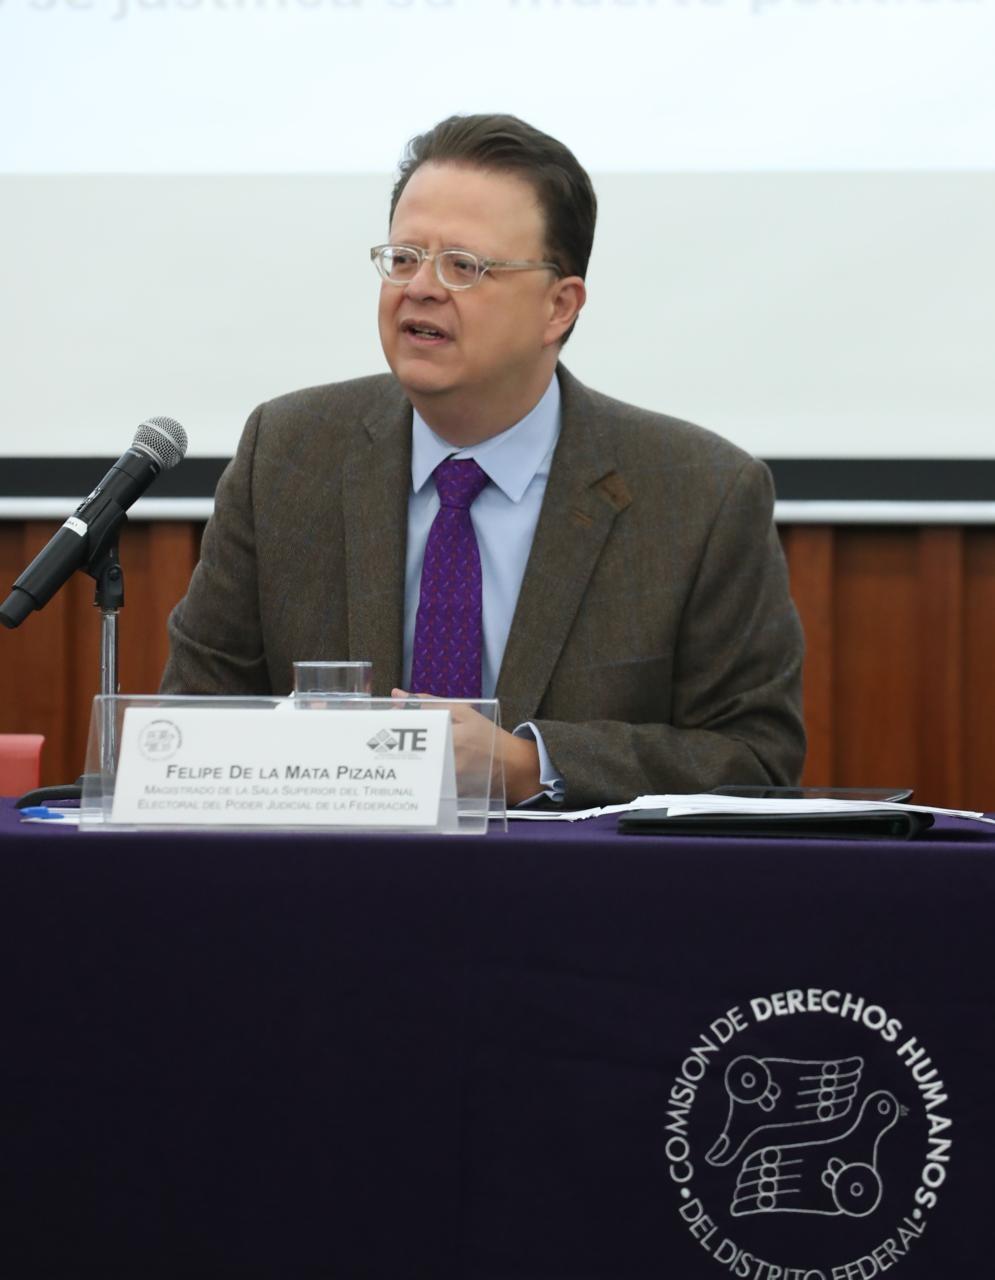 Analicemos si reforma electoral debe contemplar voto a personas sin sentencia definitiva: De la Mata Pizaña